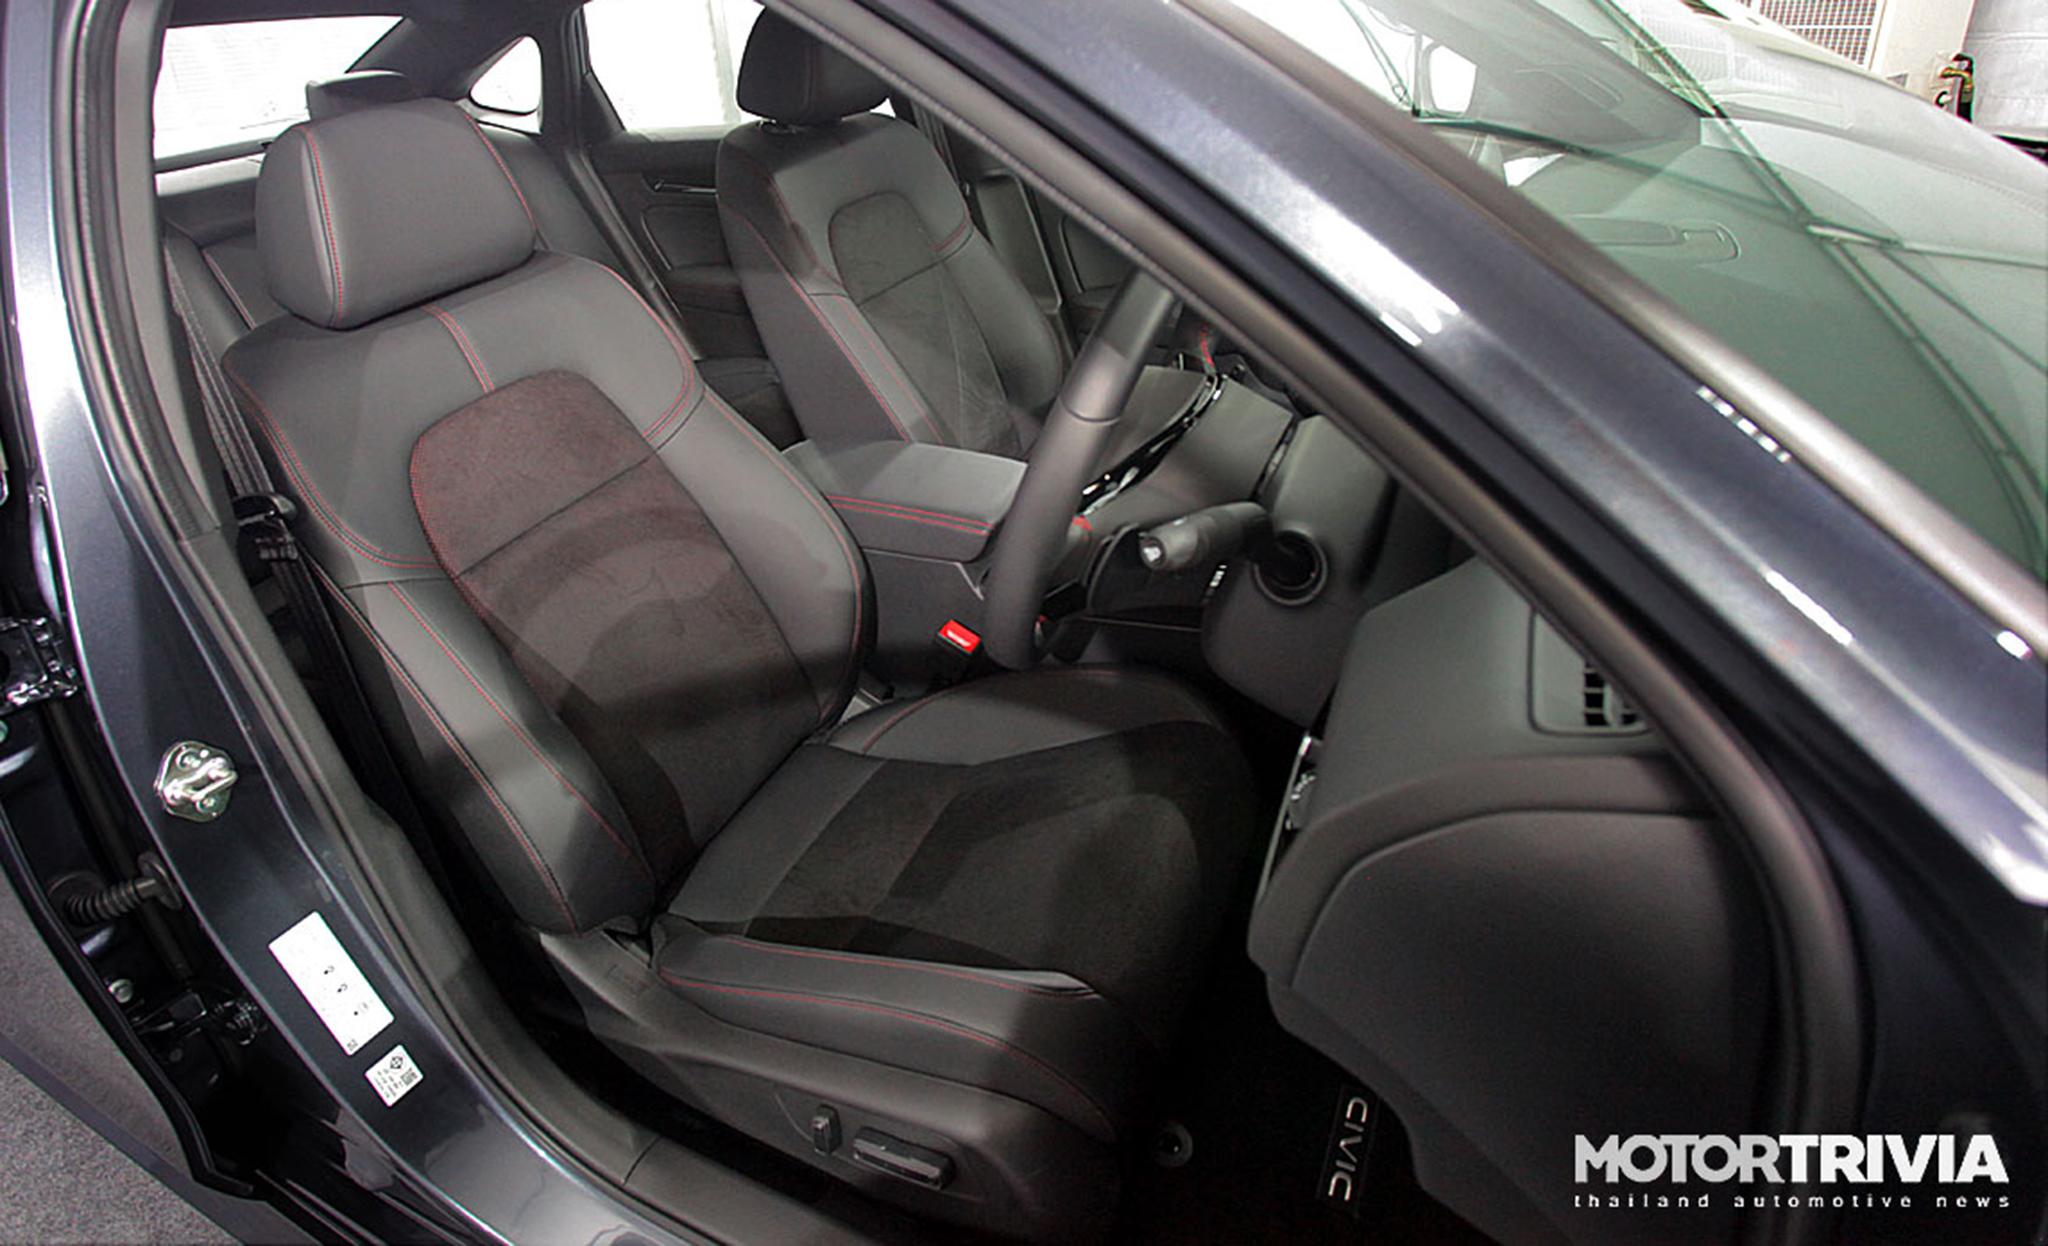 Honda Civic 2022 ra mắt tại Thái Lan giá từ 29.110 USD, chờ ngày về Việt Nam 16-honda-civic-2021-thailand-motortrivia.jpeg